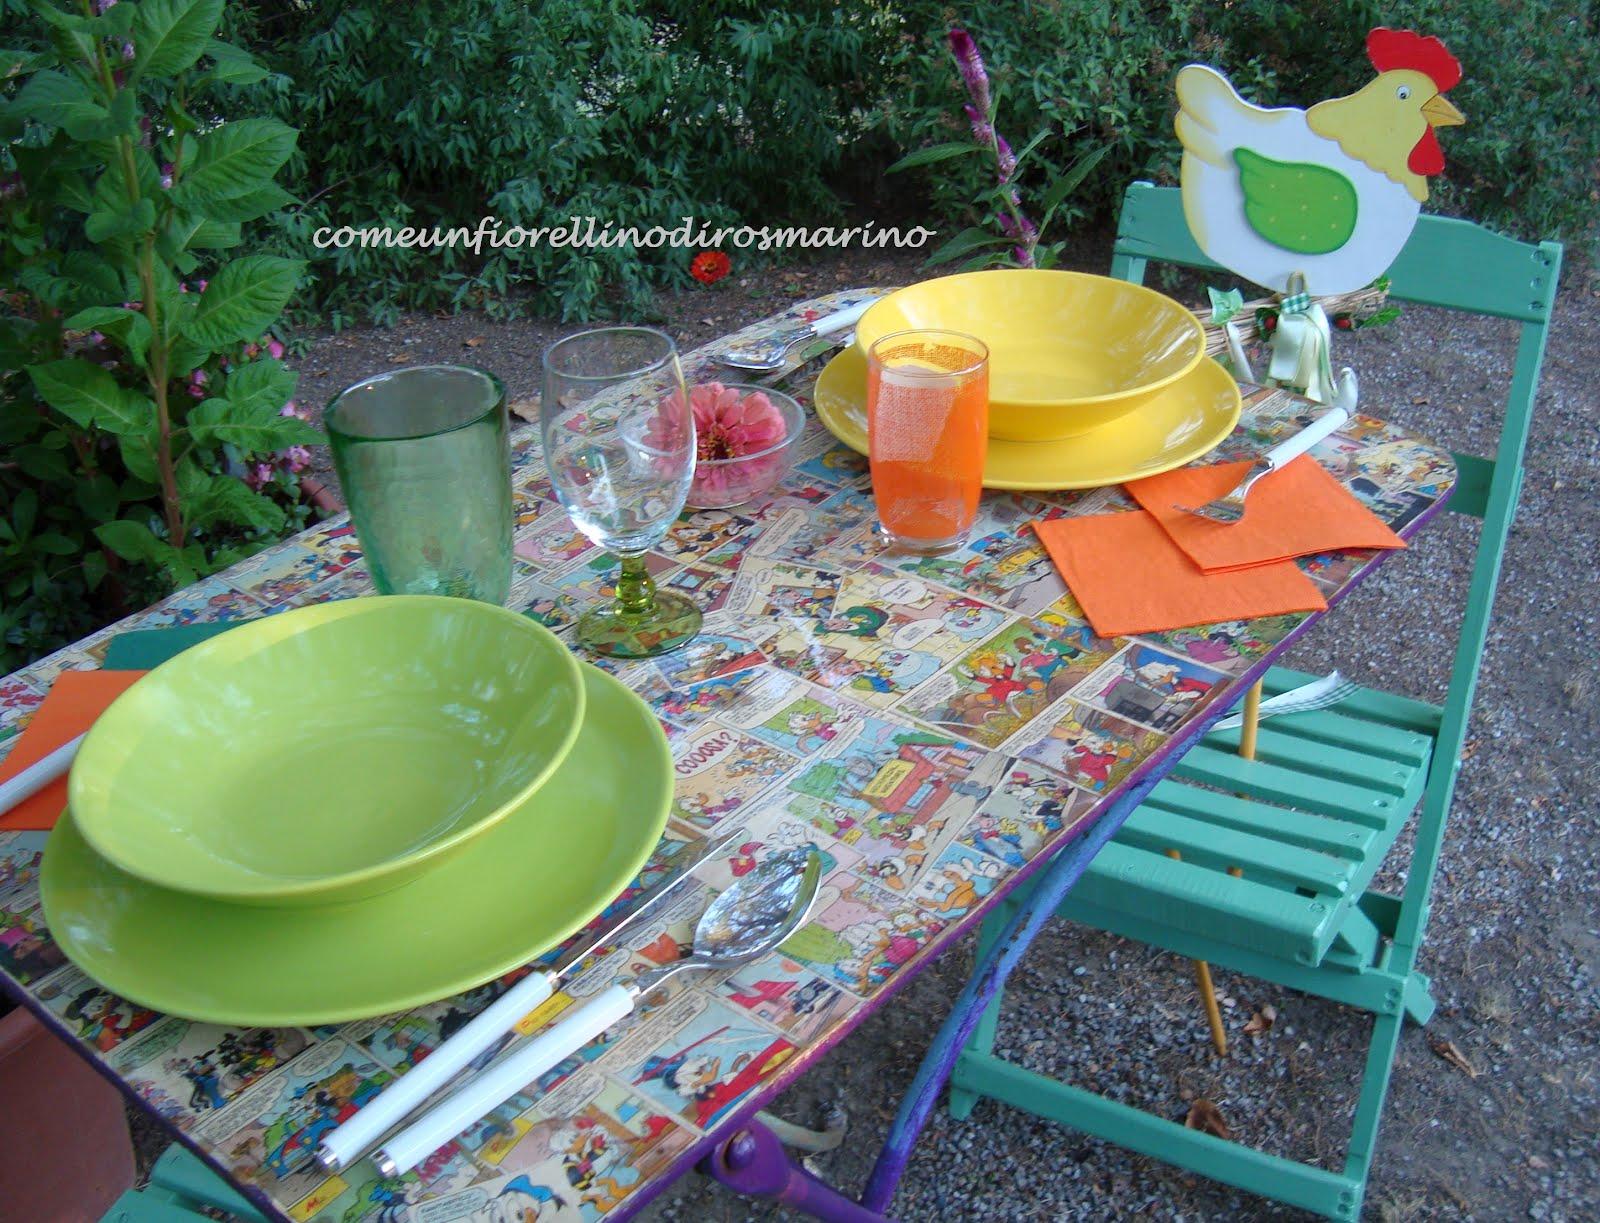 Come un fiorellino di rosmarino aggiungi un posto a tavola all 39 ora di pranzo a casa delle - Se sposti un posto a tavola ...